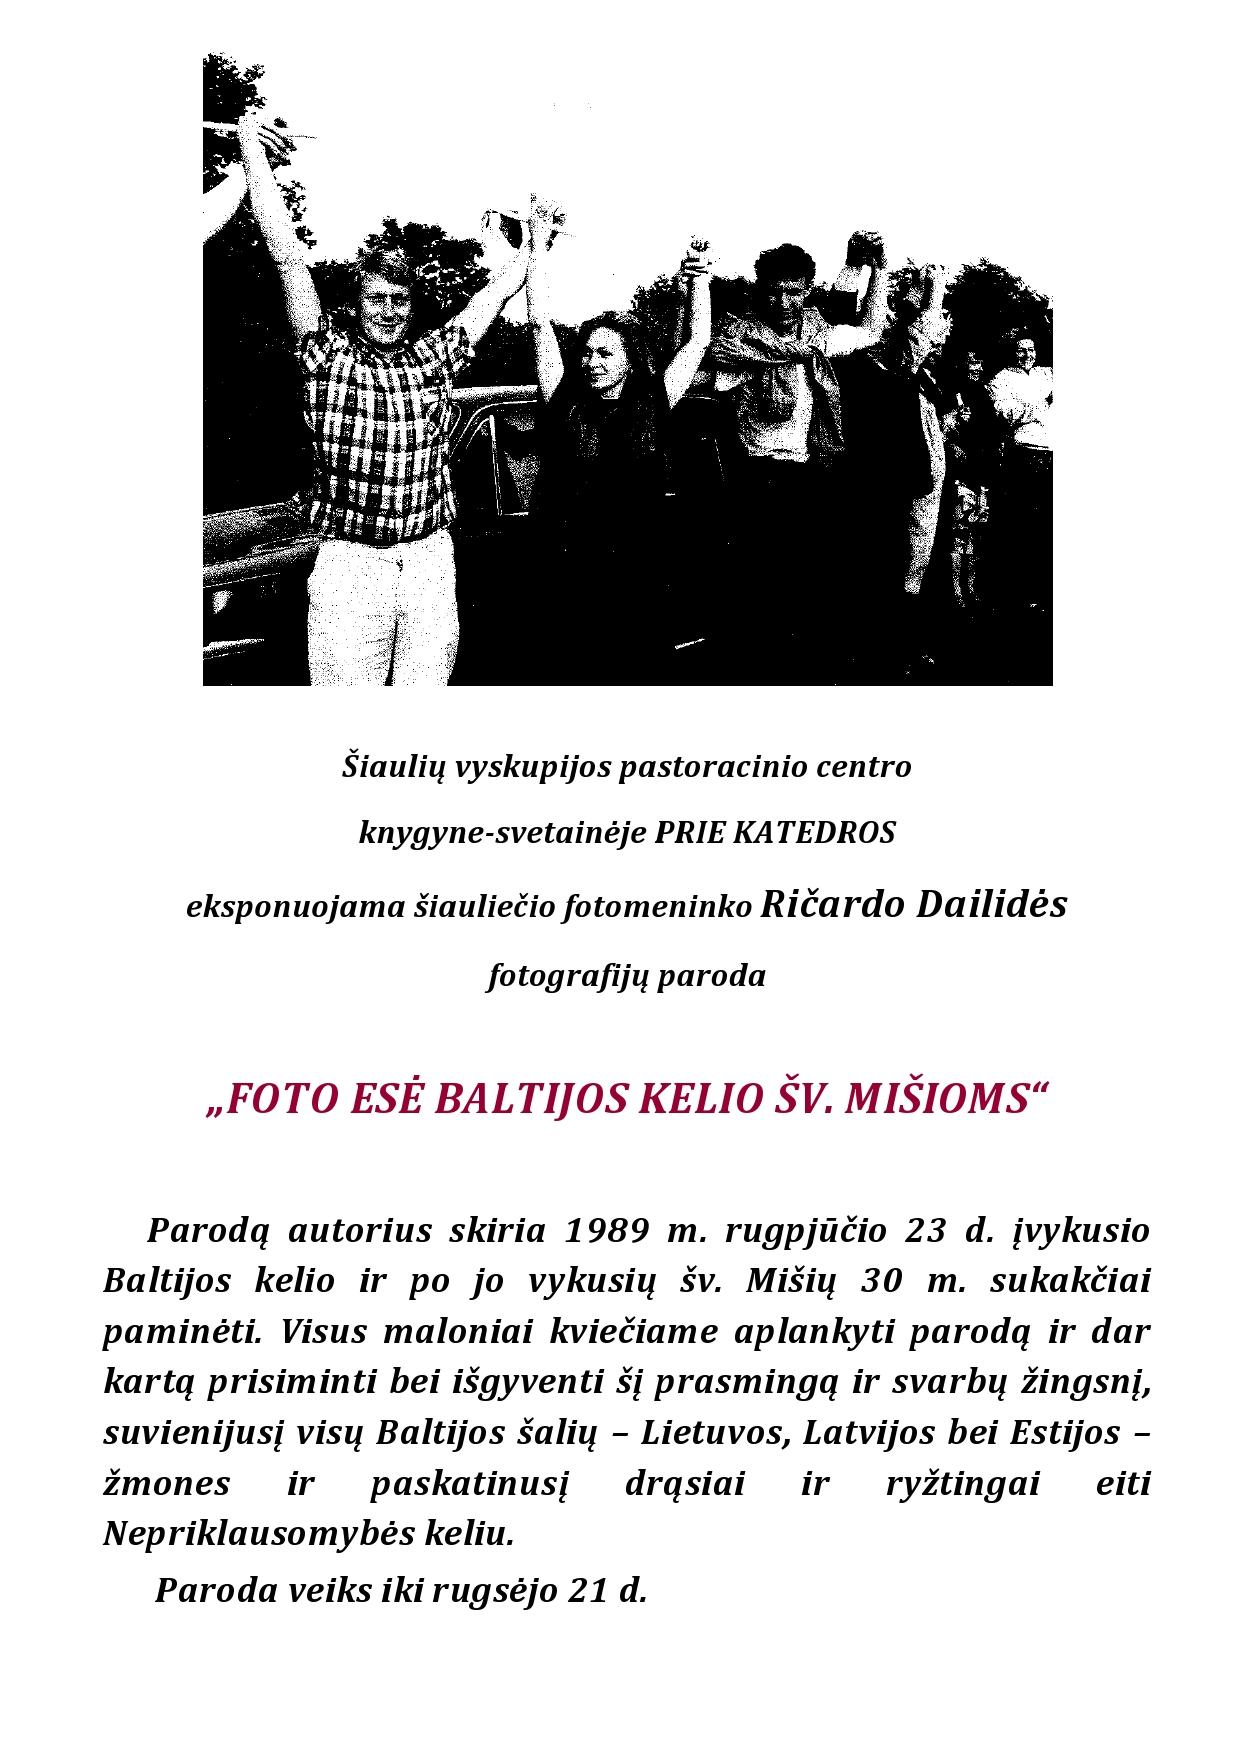 Skelbimas_paroda-page0001